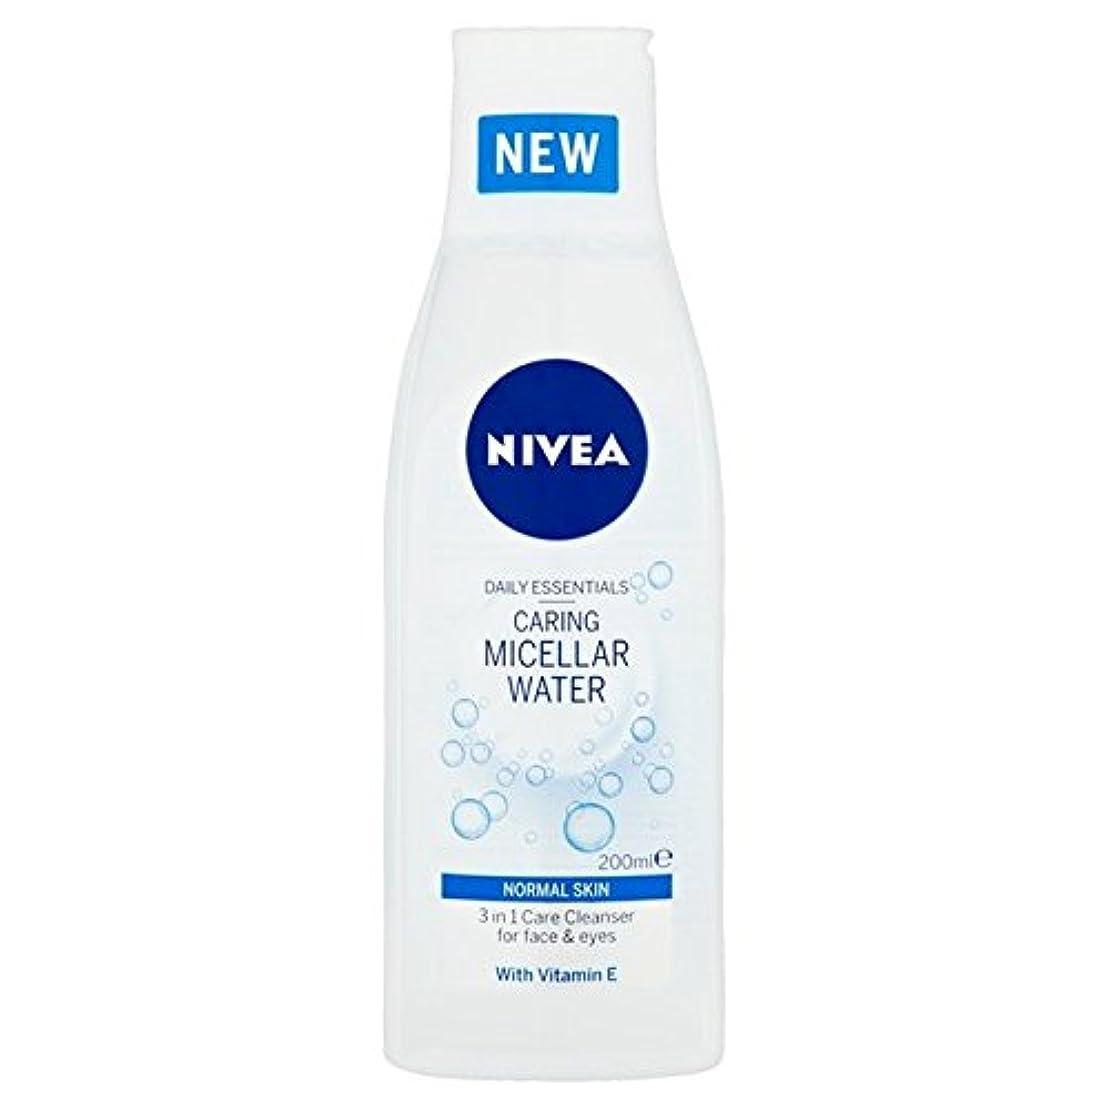 雲側溝蜜1つの敏感な思いやりのあるミセル水の正常な皮膚の200ミリリットルでニベア3 x2 - Nivea 3 in 1 Sensitive Caring Micellar Water Normal Skin 200ml (Pack...